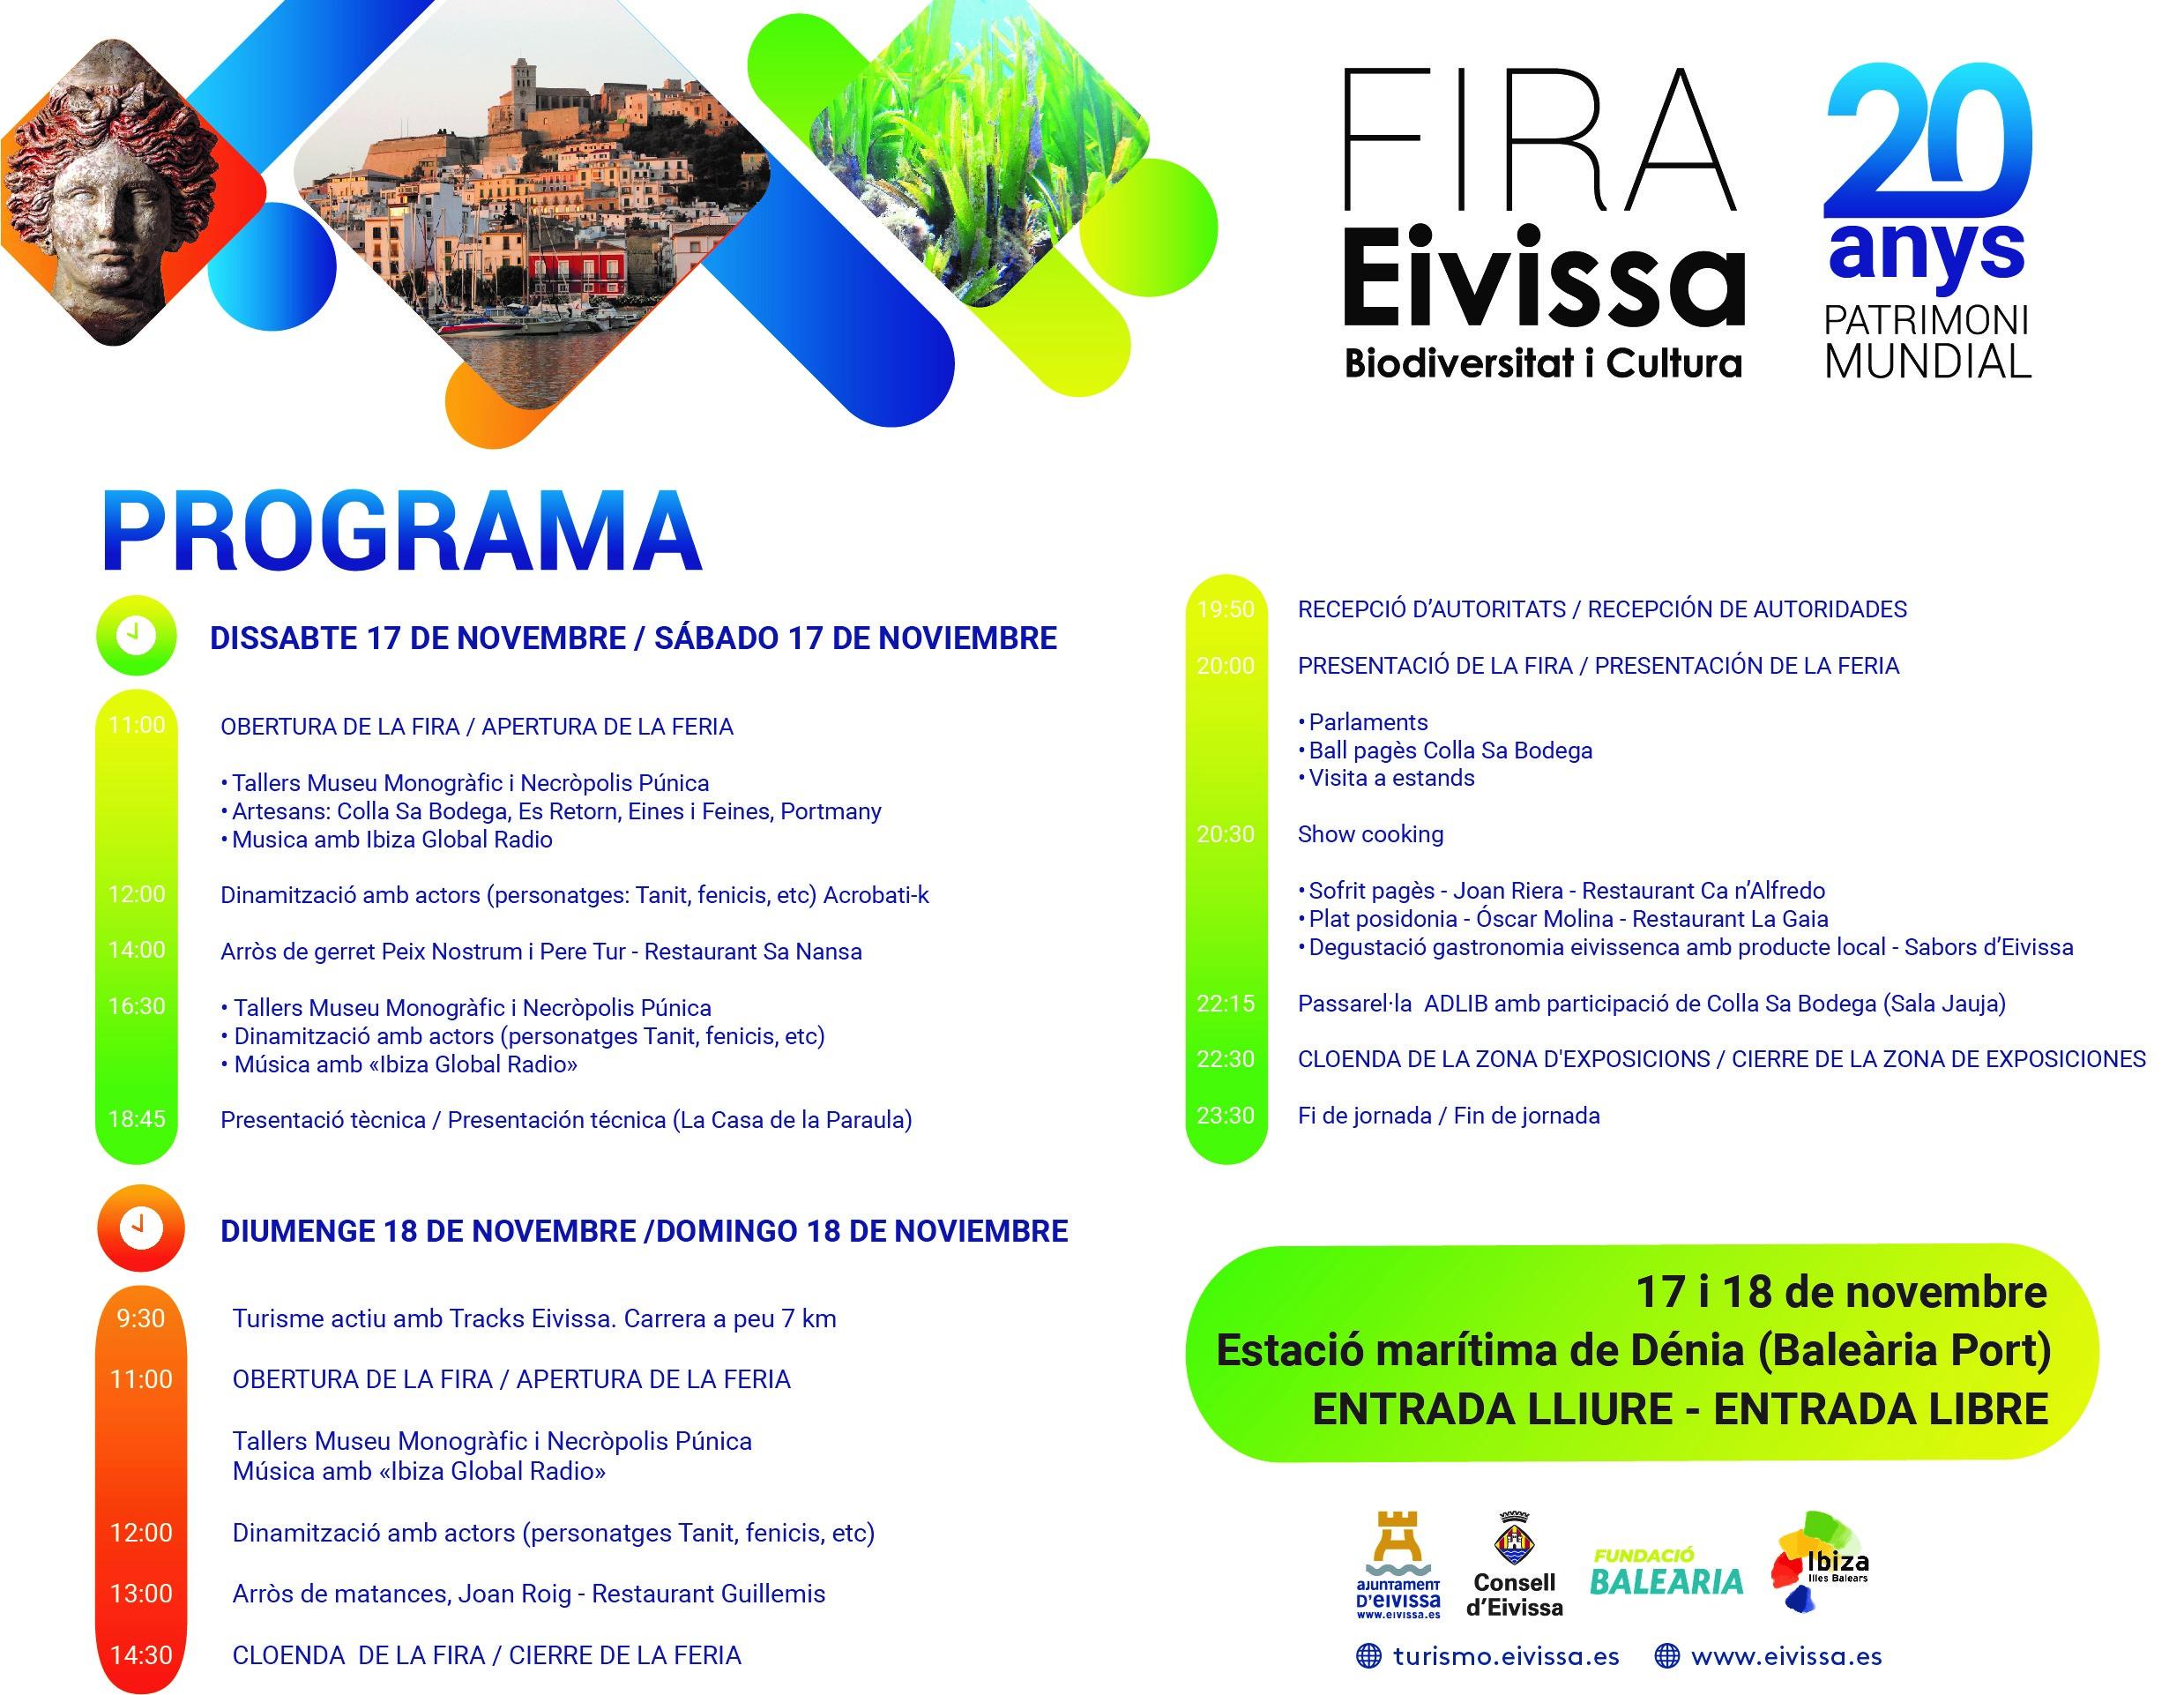 Baleària Port acull una fira gastronòmica i cultural organitzada per l'Ajuntament d'Eivissa